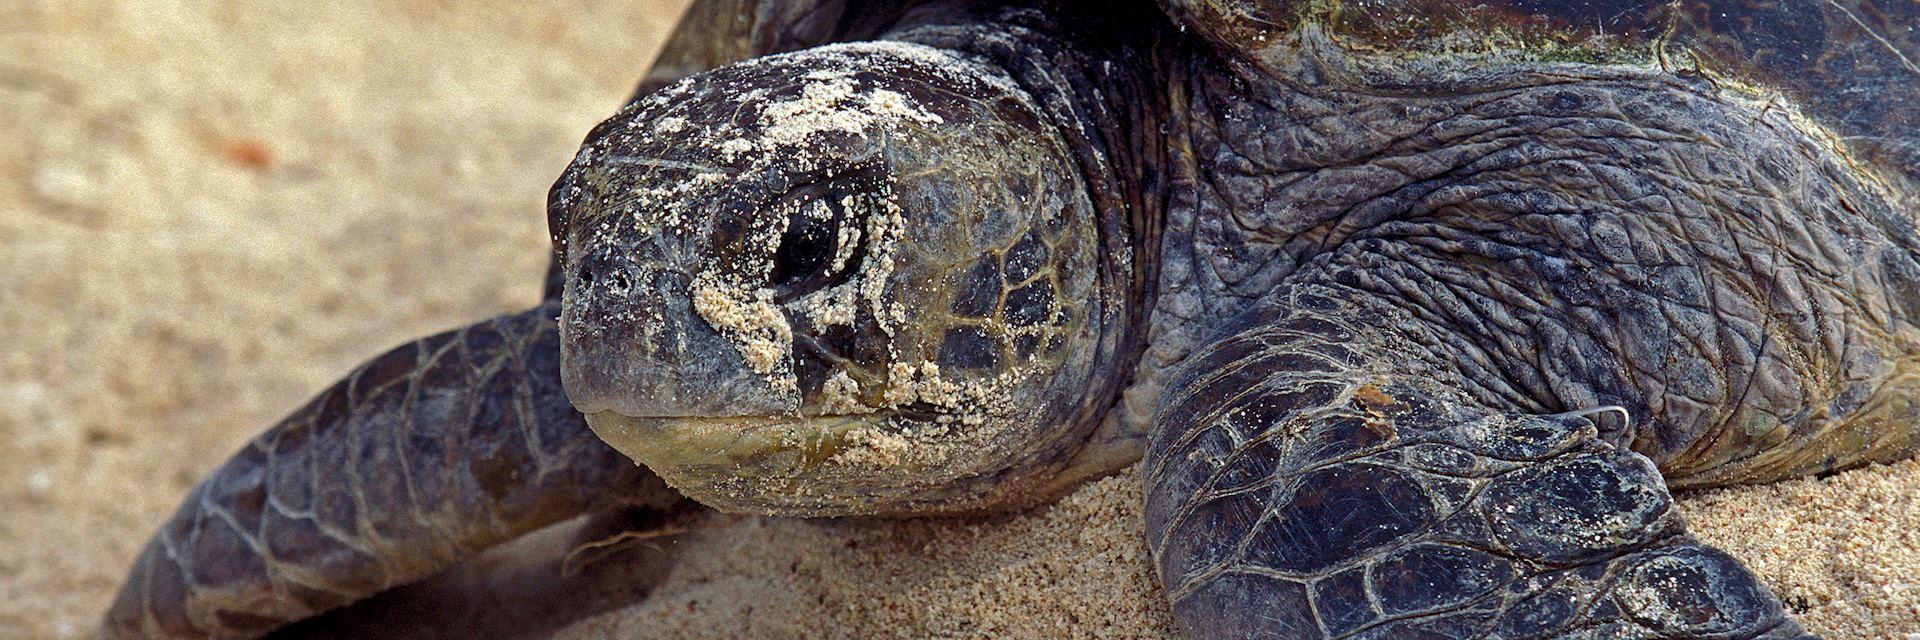 Loggerhead turtle on Wilson Island